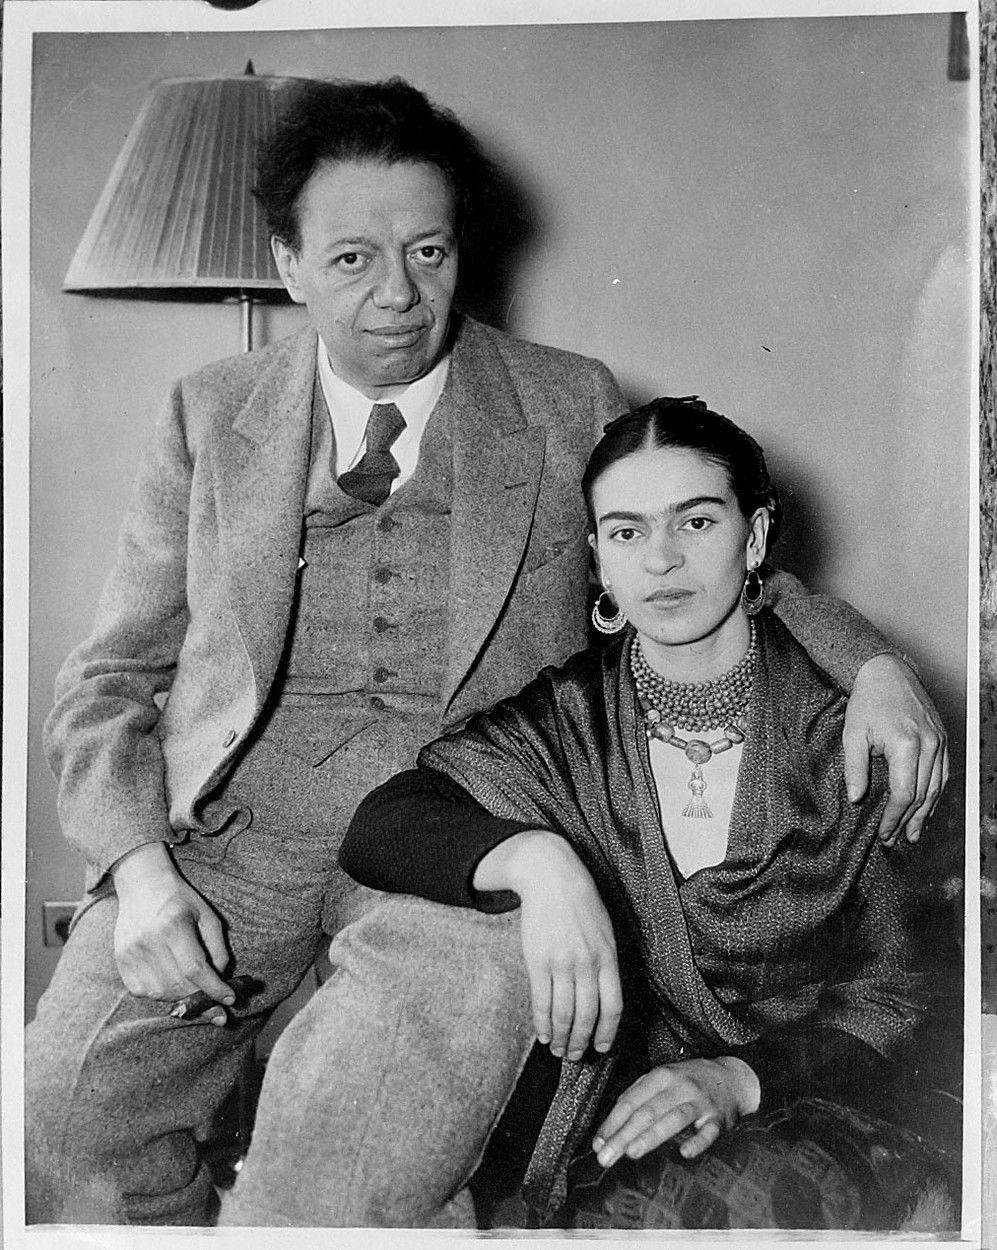 Diego Rivera az ünnepelt festőművész és felesége, Frida Kahlo, 1933-ban.